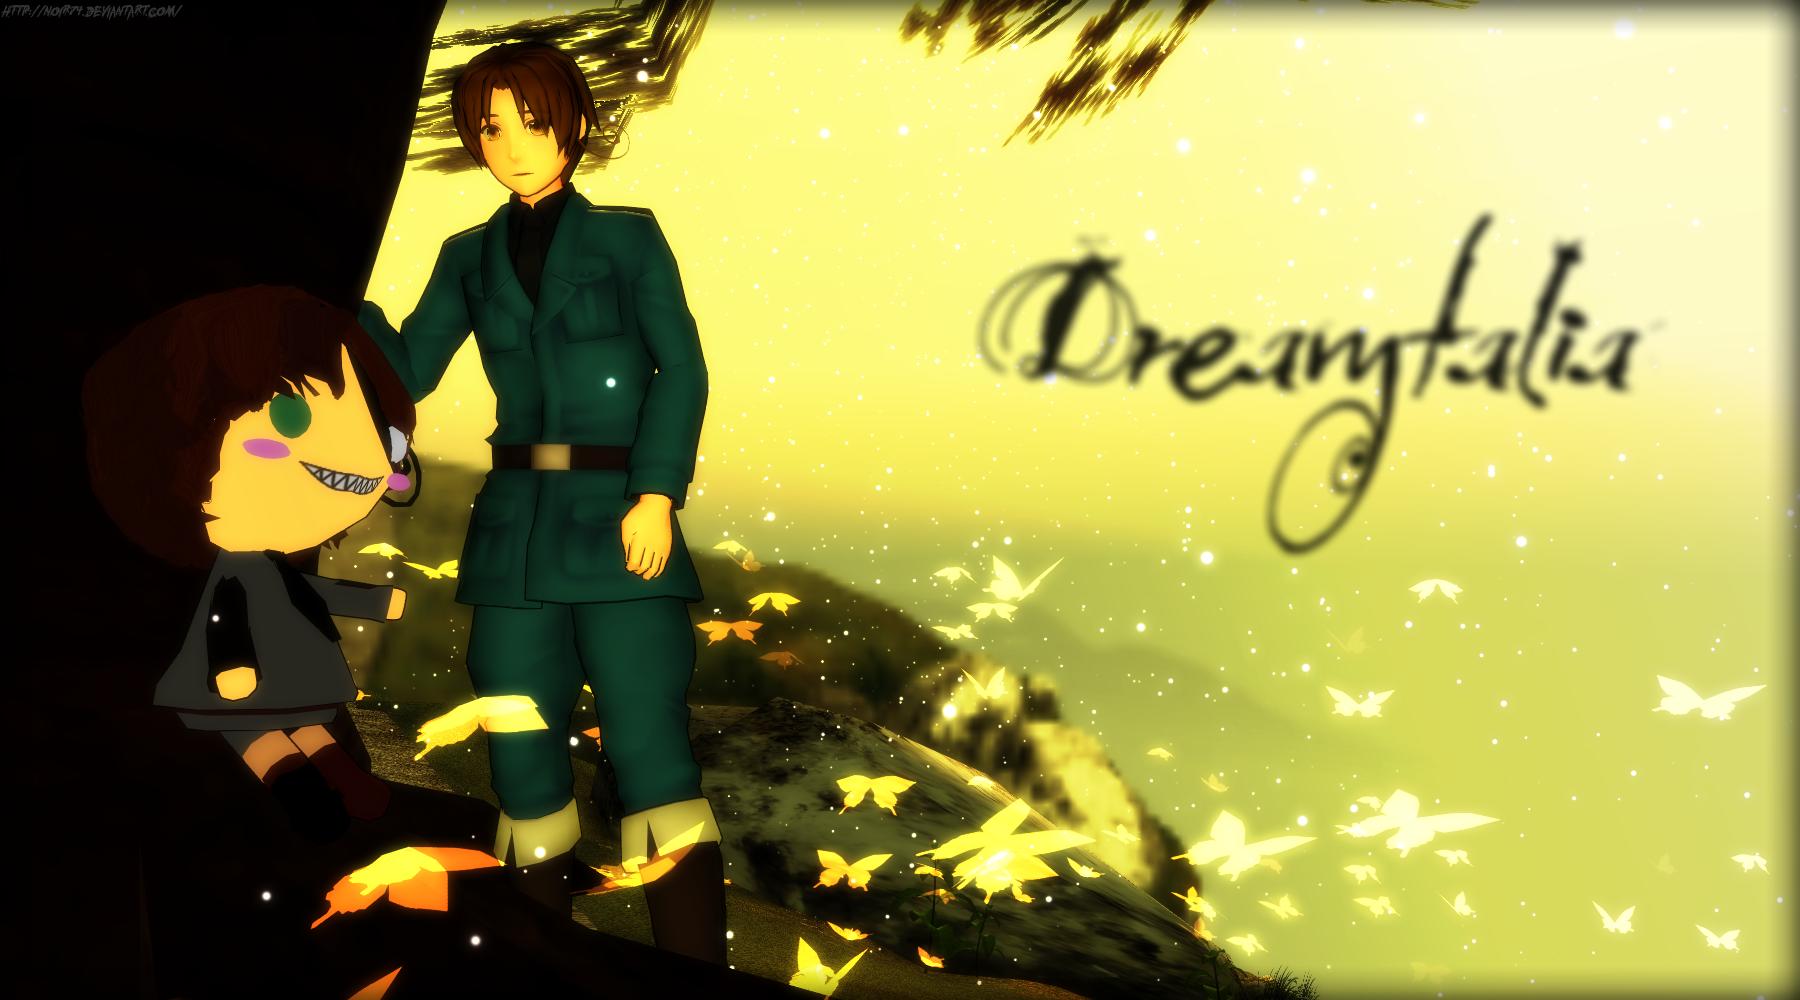 Dreamtalia - Land of Dreams - by Noir74